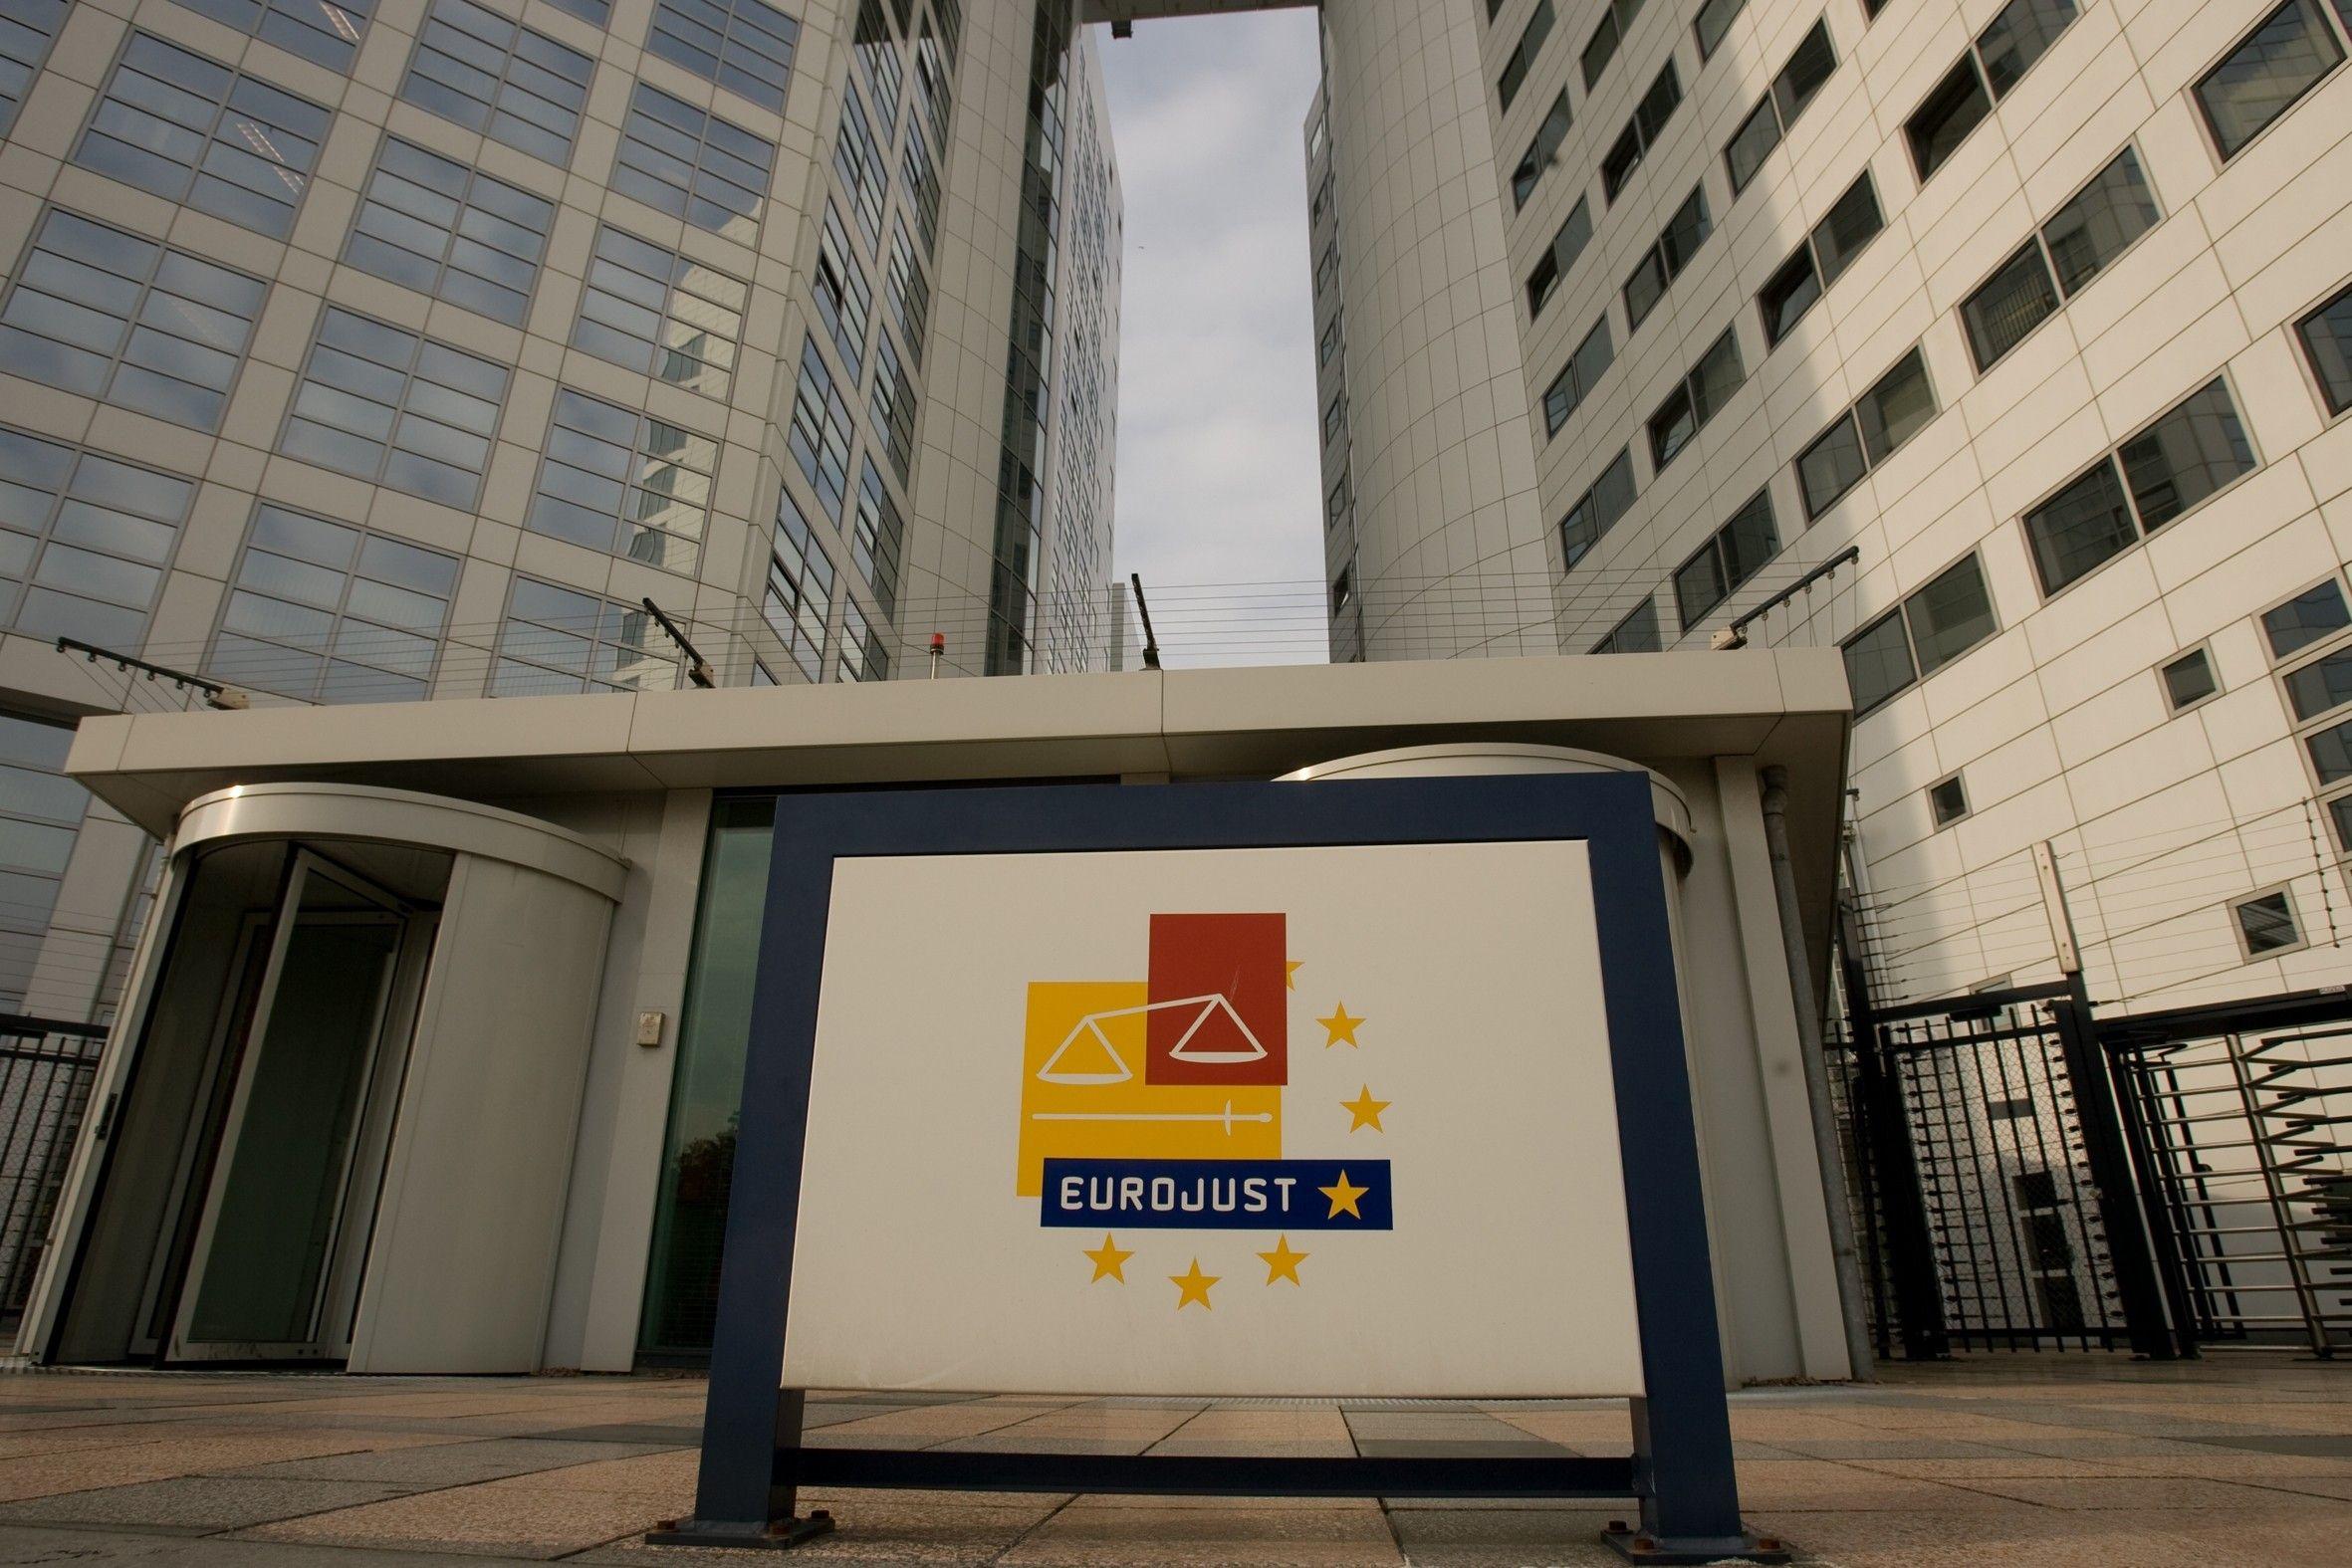 Євроюст повідомив про викриття агента розвідки і його інформатора / Фото euobserver.com